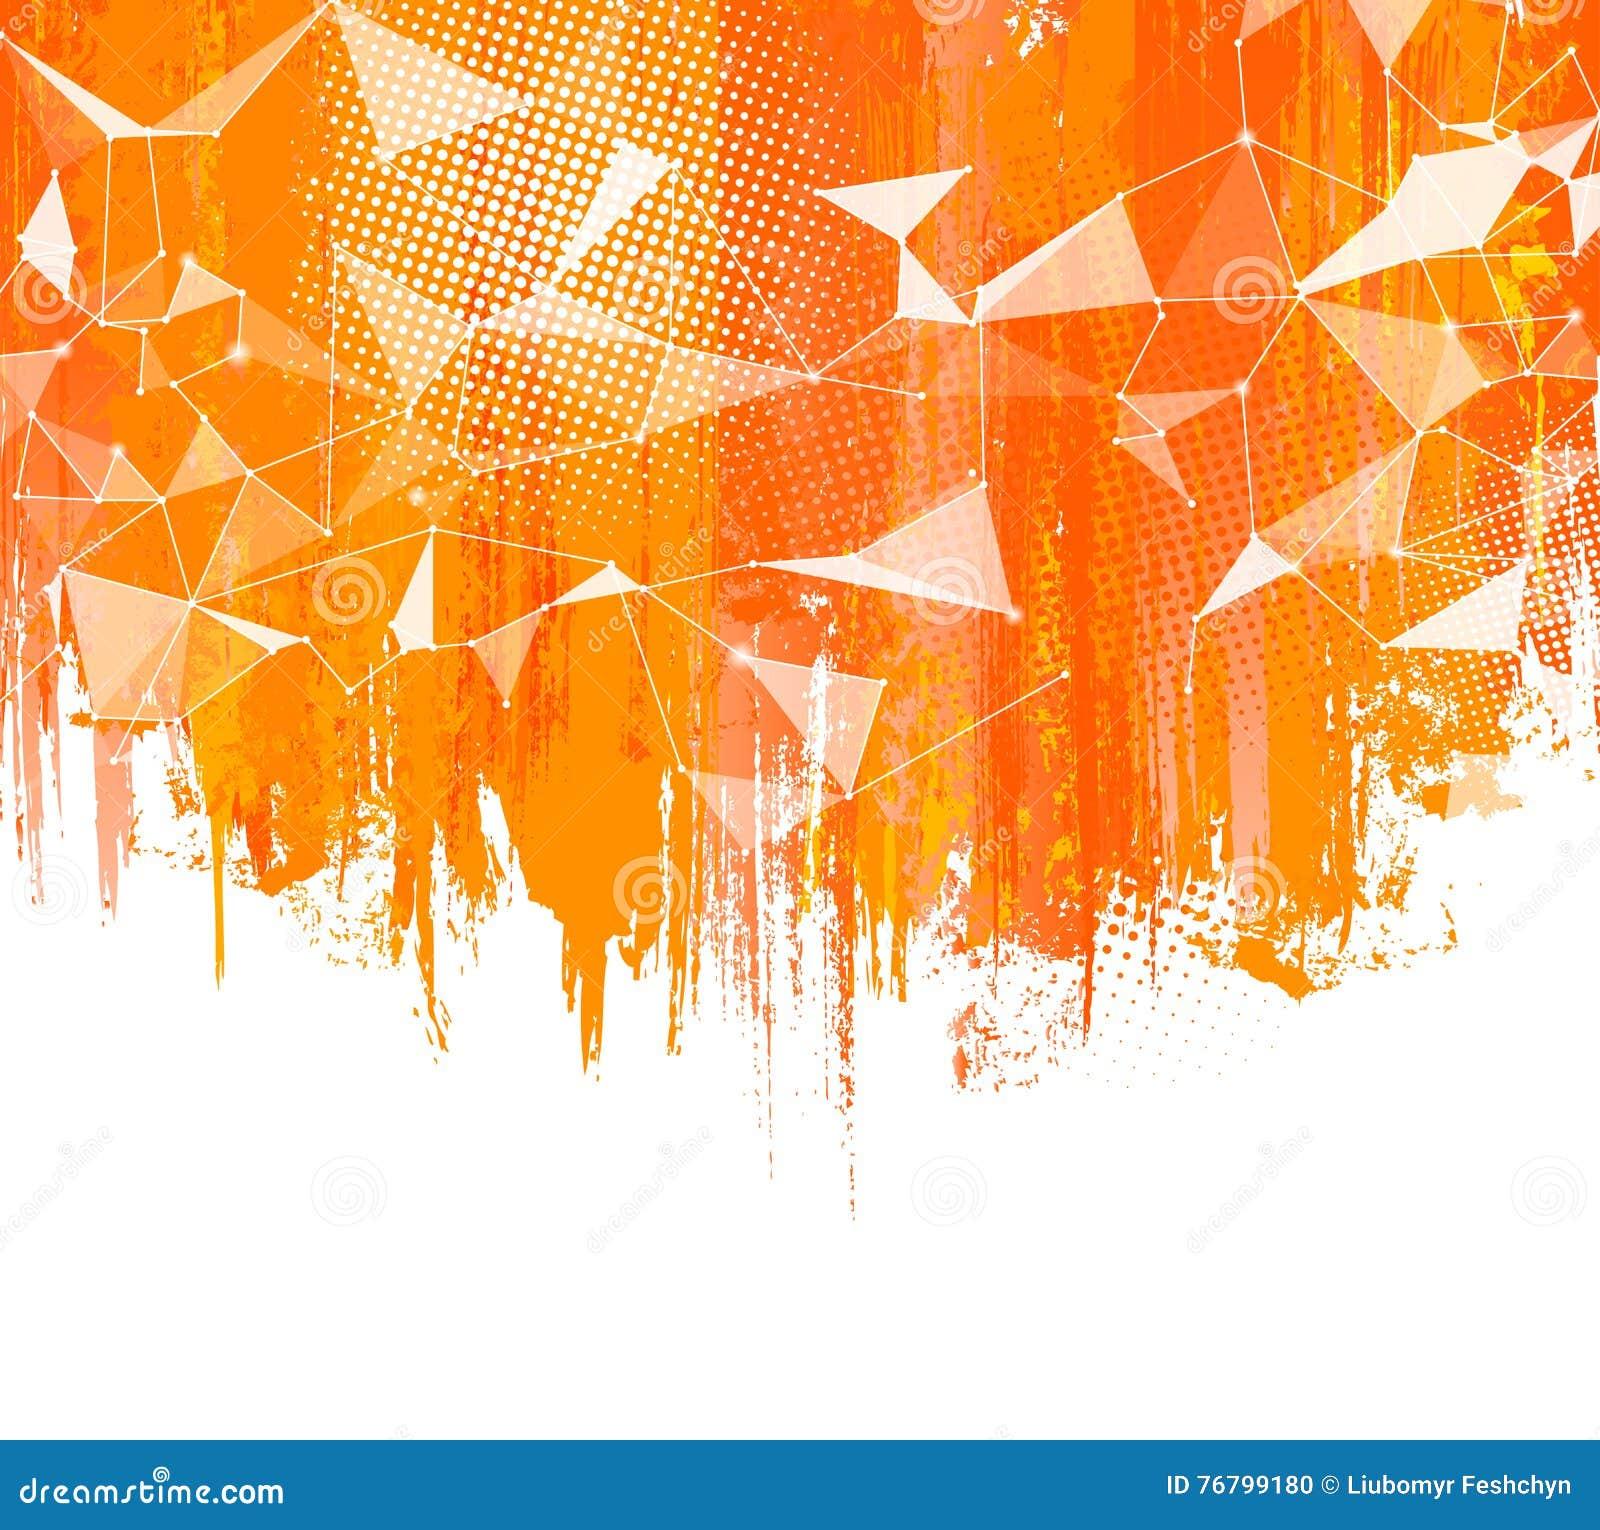 Spritzt Orange Hintergrund Kreative Zusammenfassung Mit Buntem ...